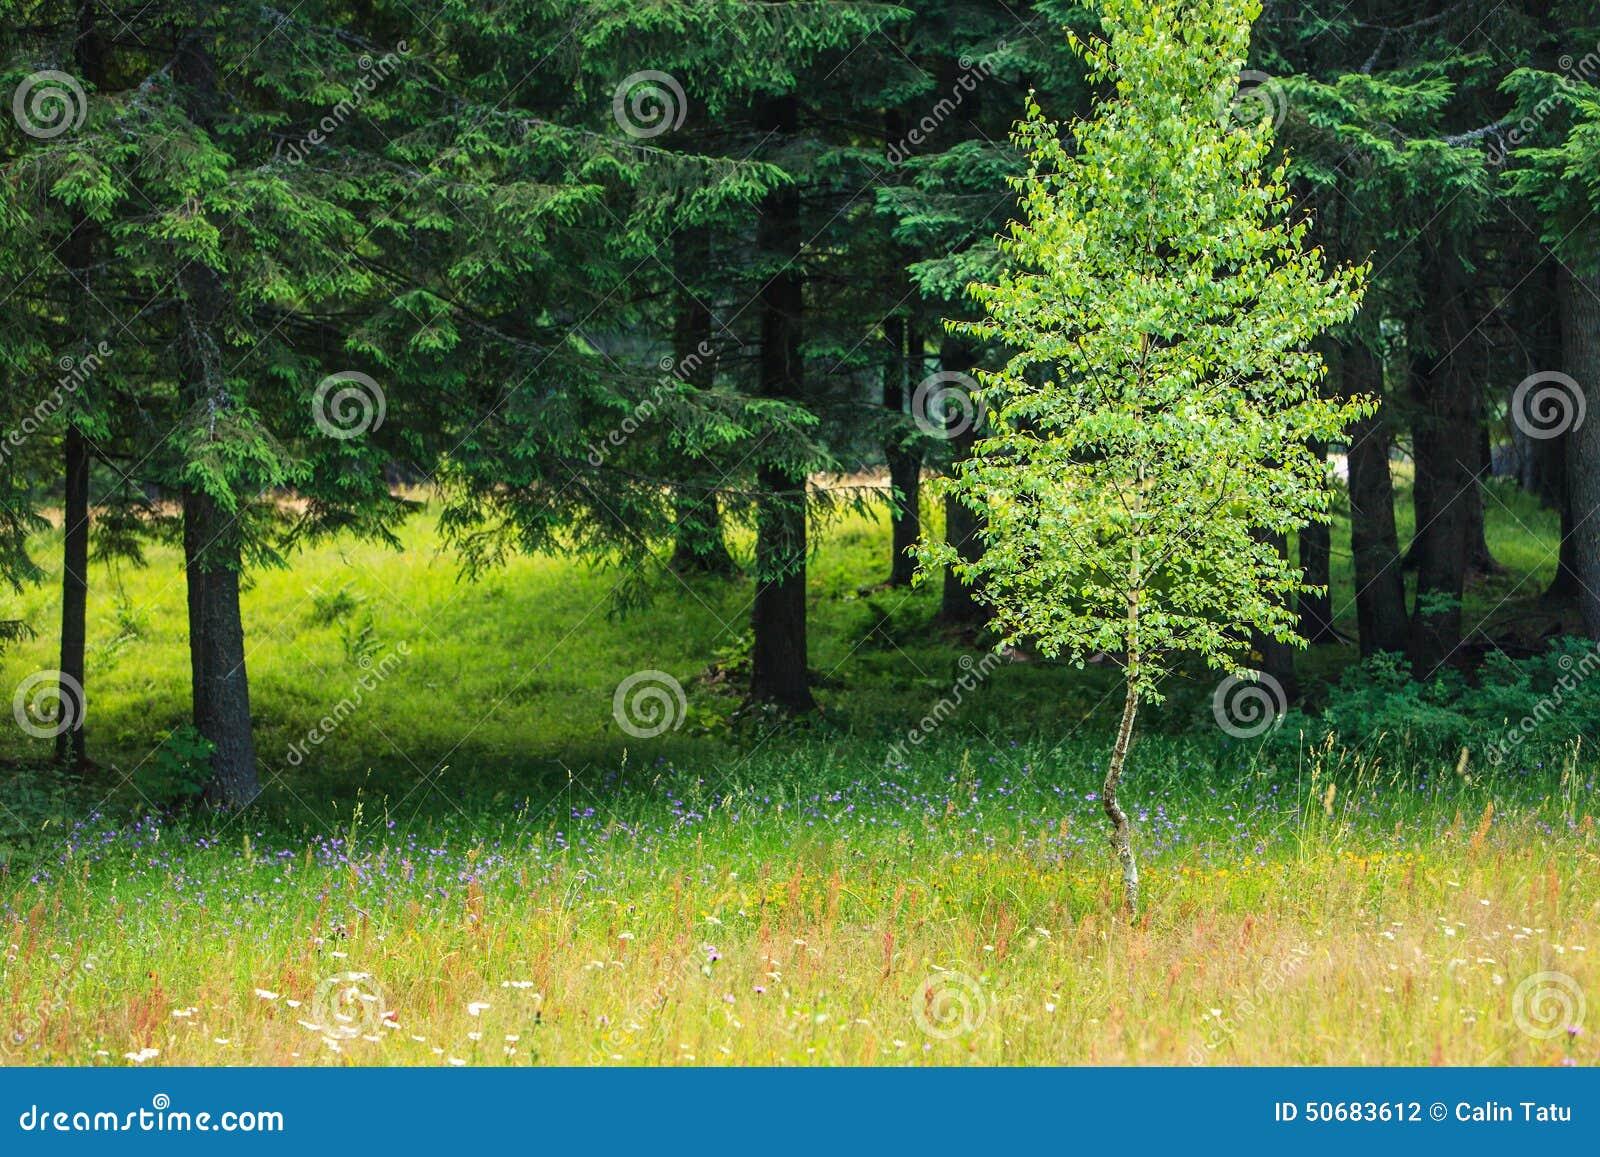 Download 春天草甸和白杨木和冷杉木 库存照片. 图片 包括有 新鲜, 的根底, 草甸, 照亮, 晴朗, 本质, 蜂蜜 - 50683612